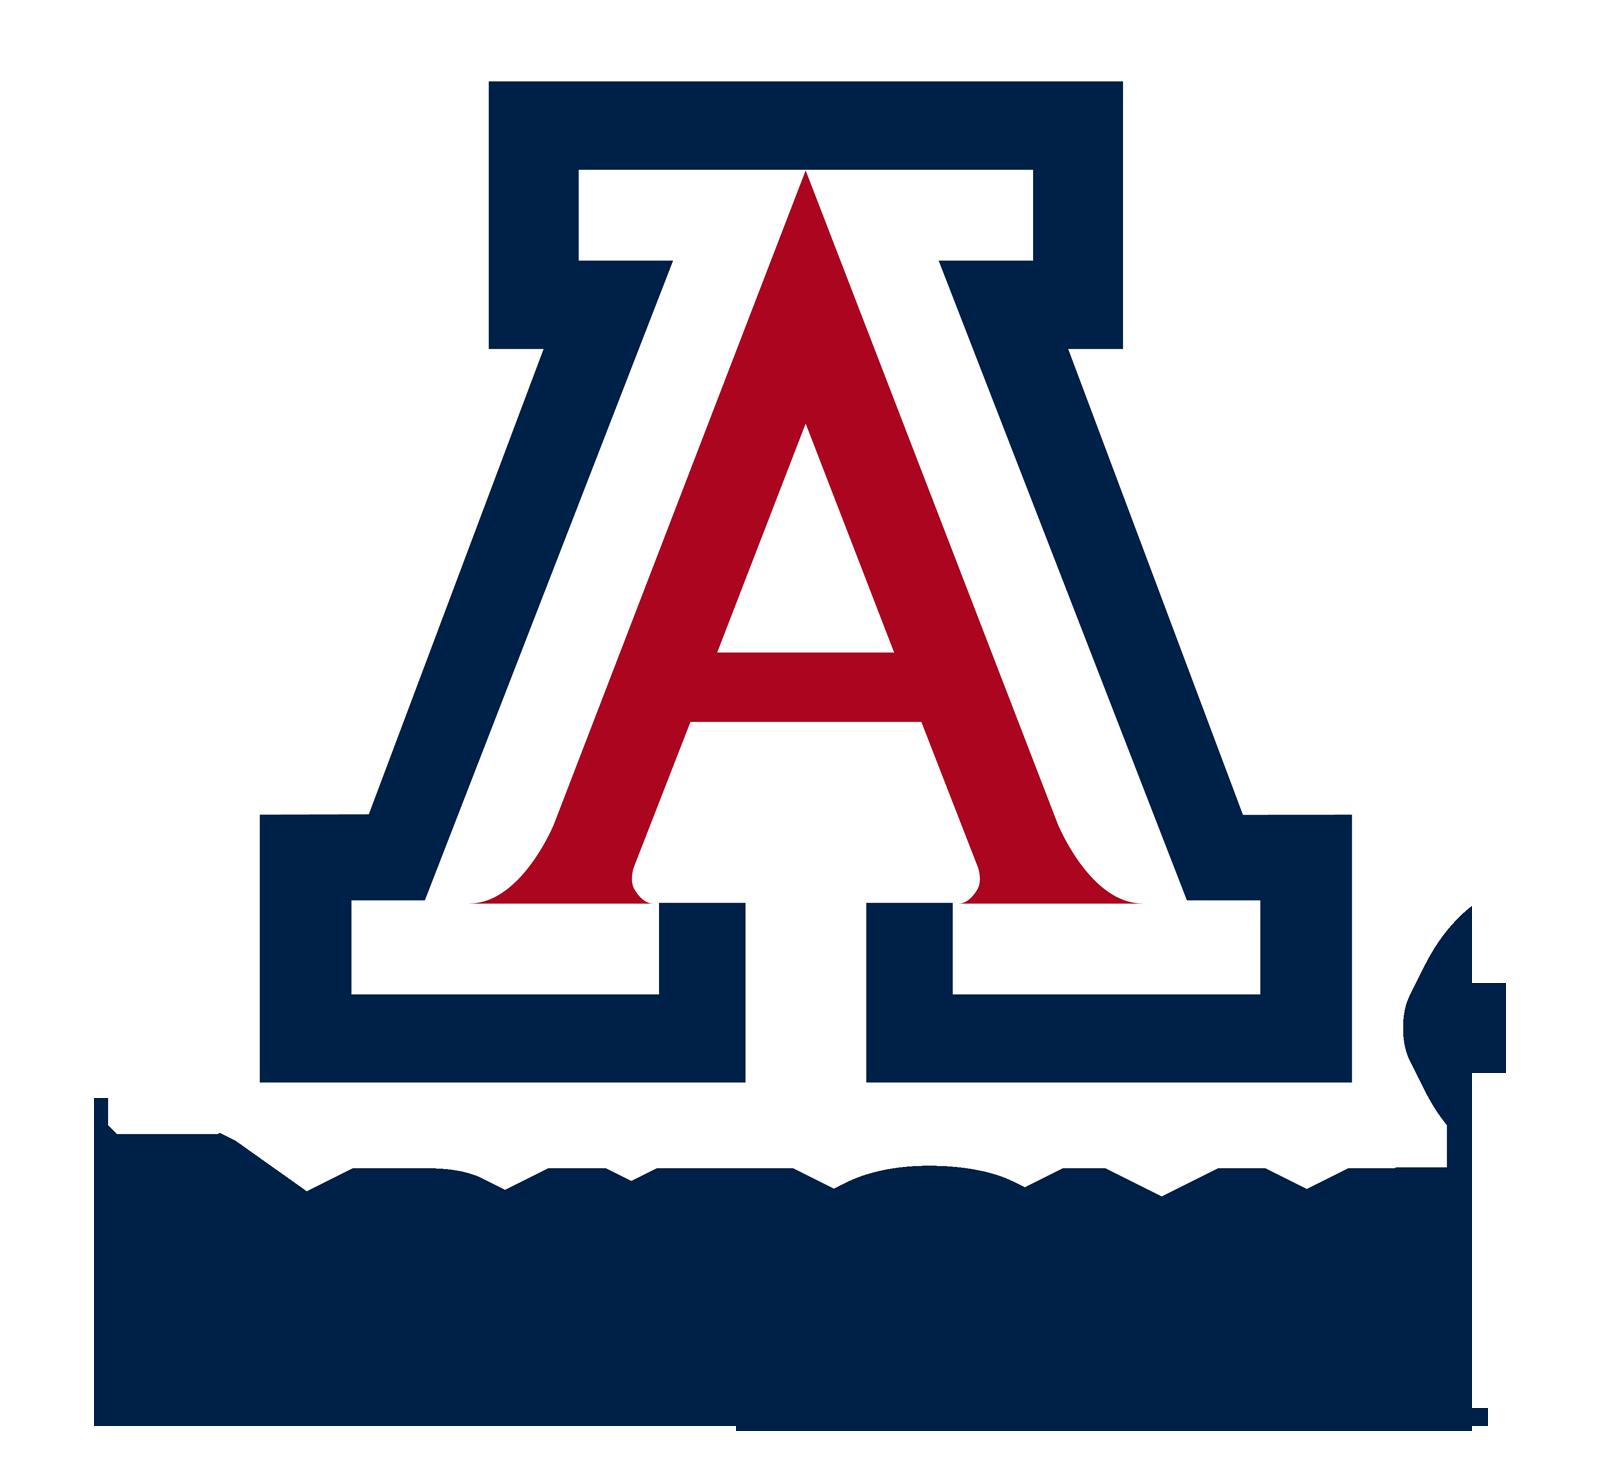 University Of Arizona Logo University Of Arizona Symbol Meaning